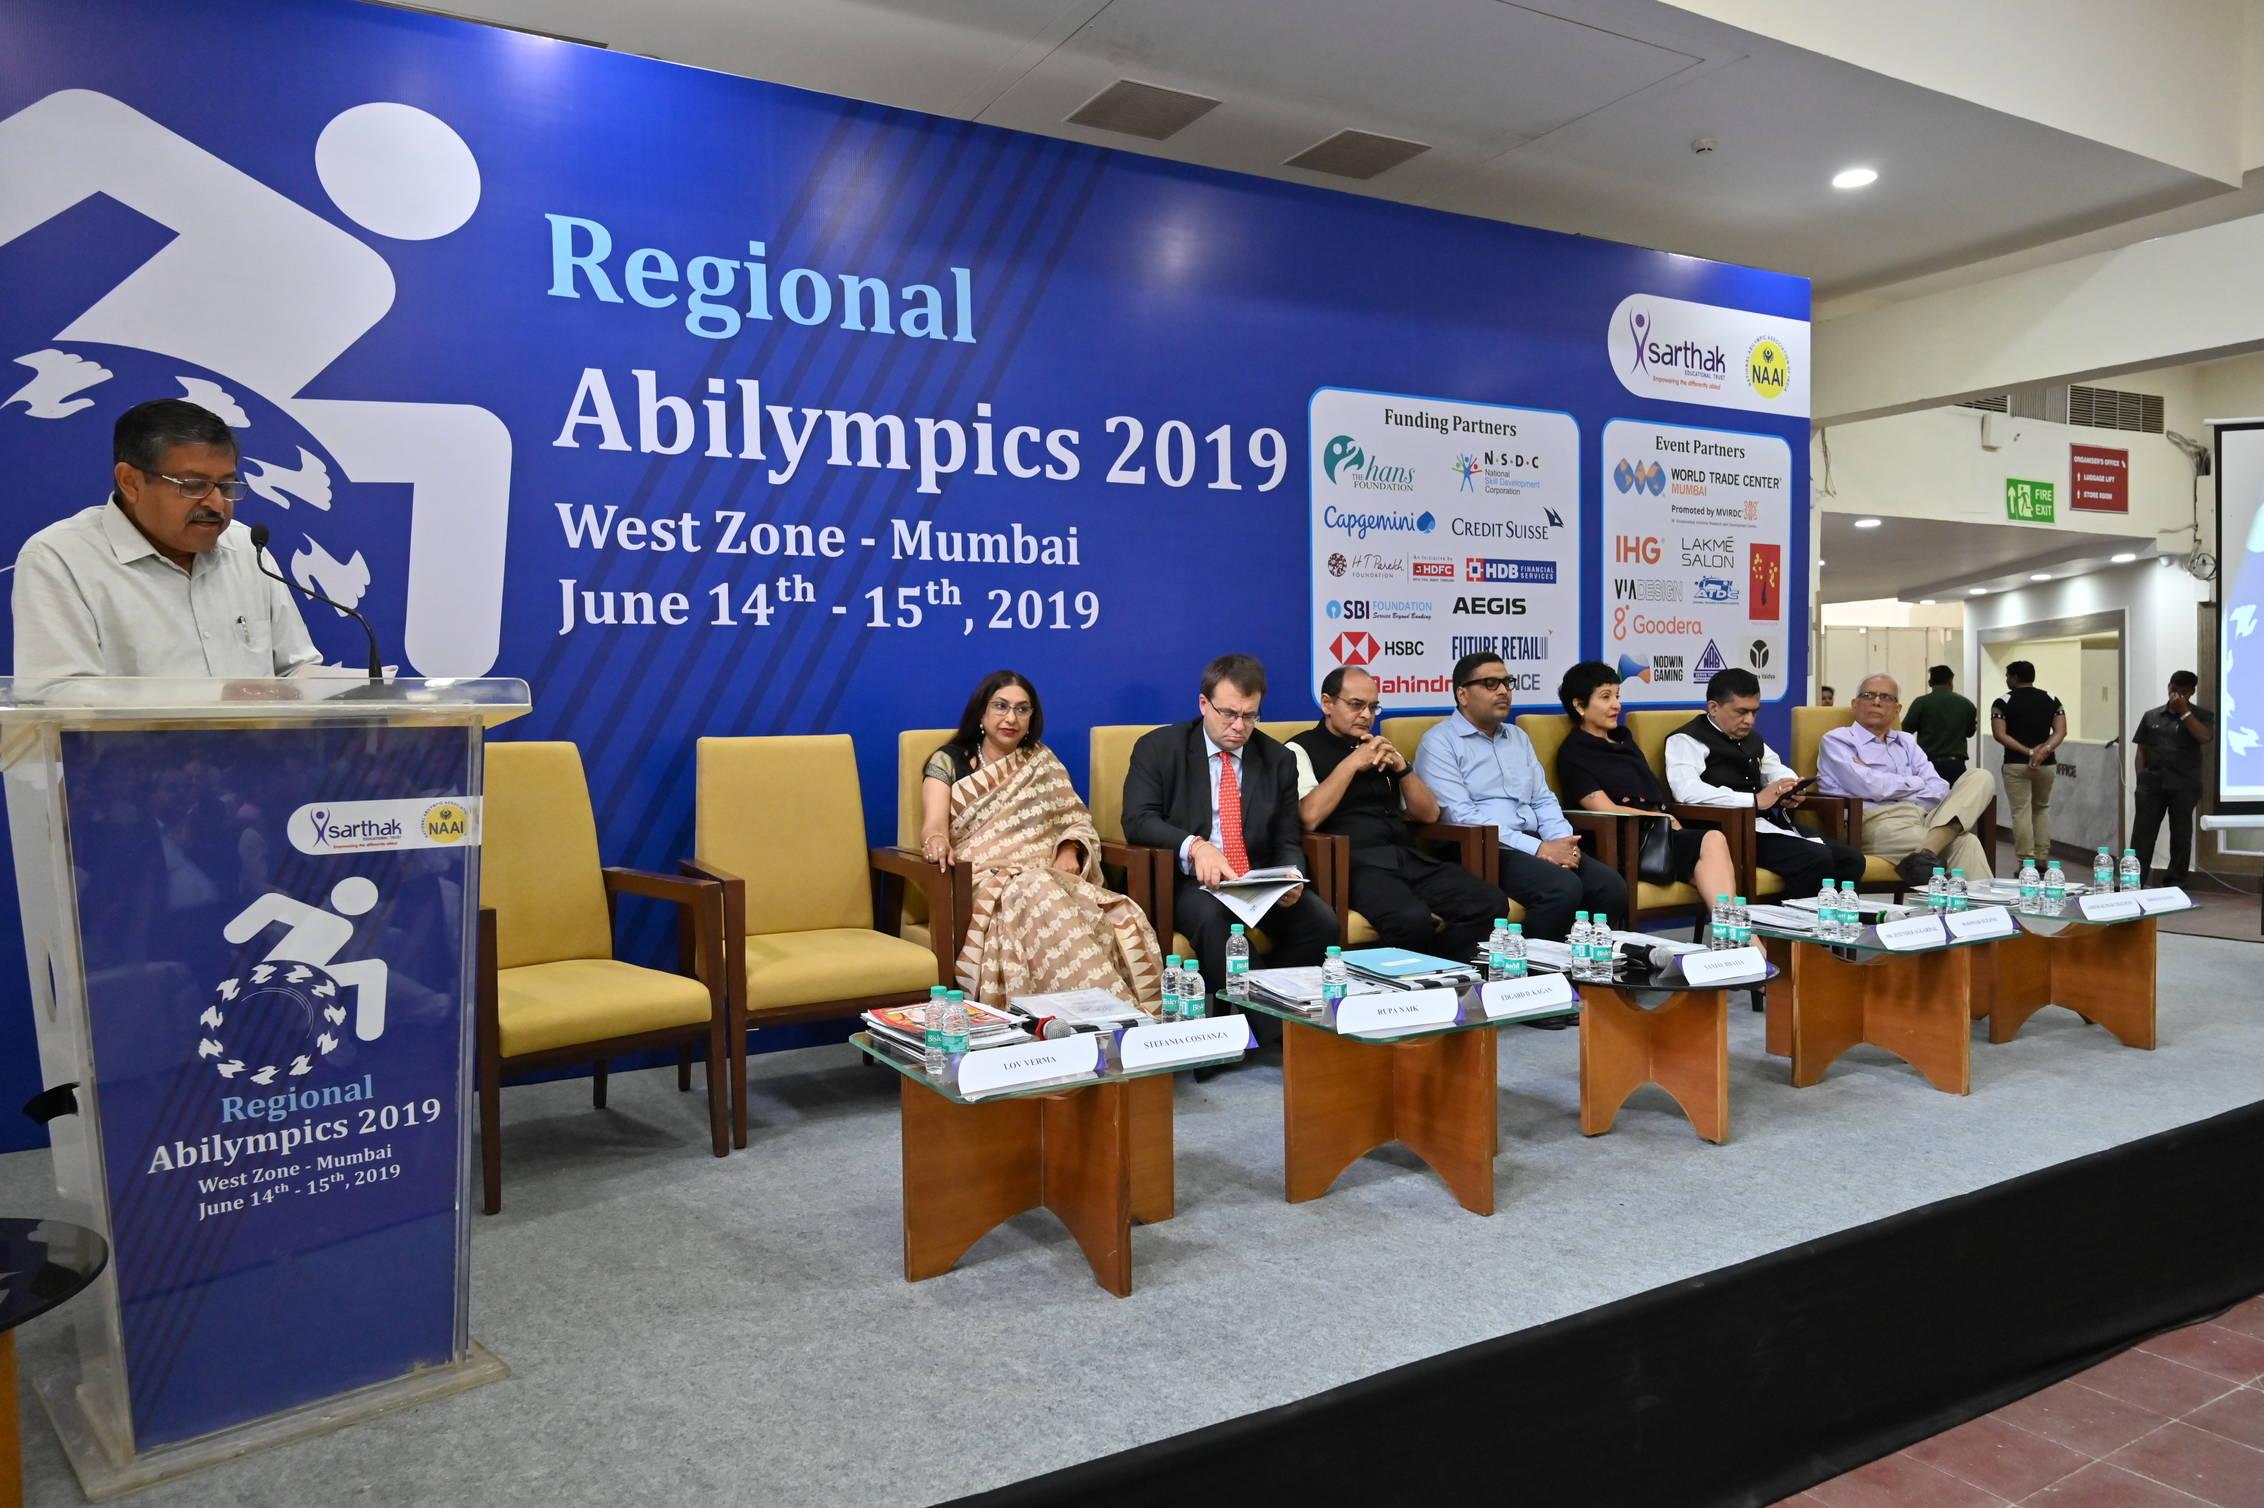 regional_abilympics_2019_west_zone_mumbai